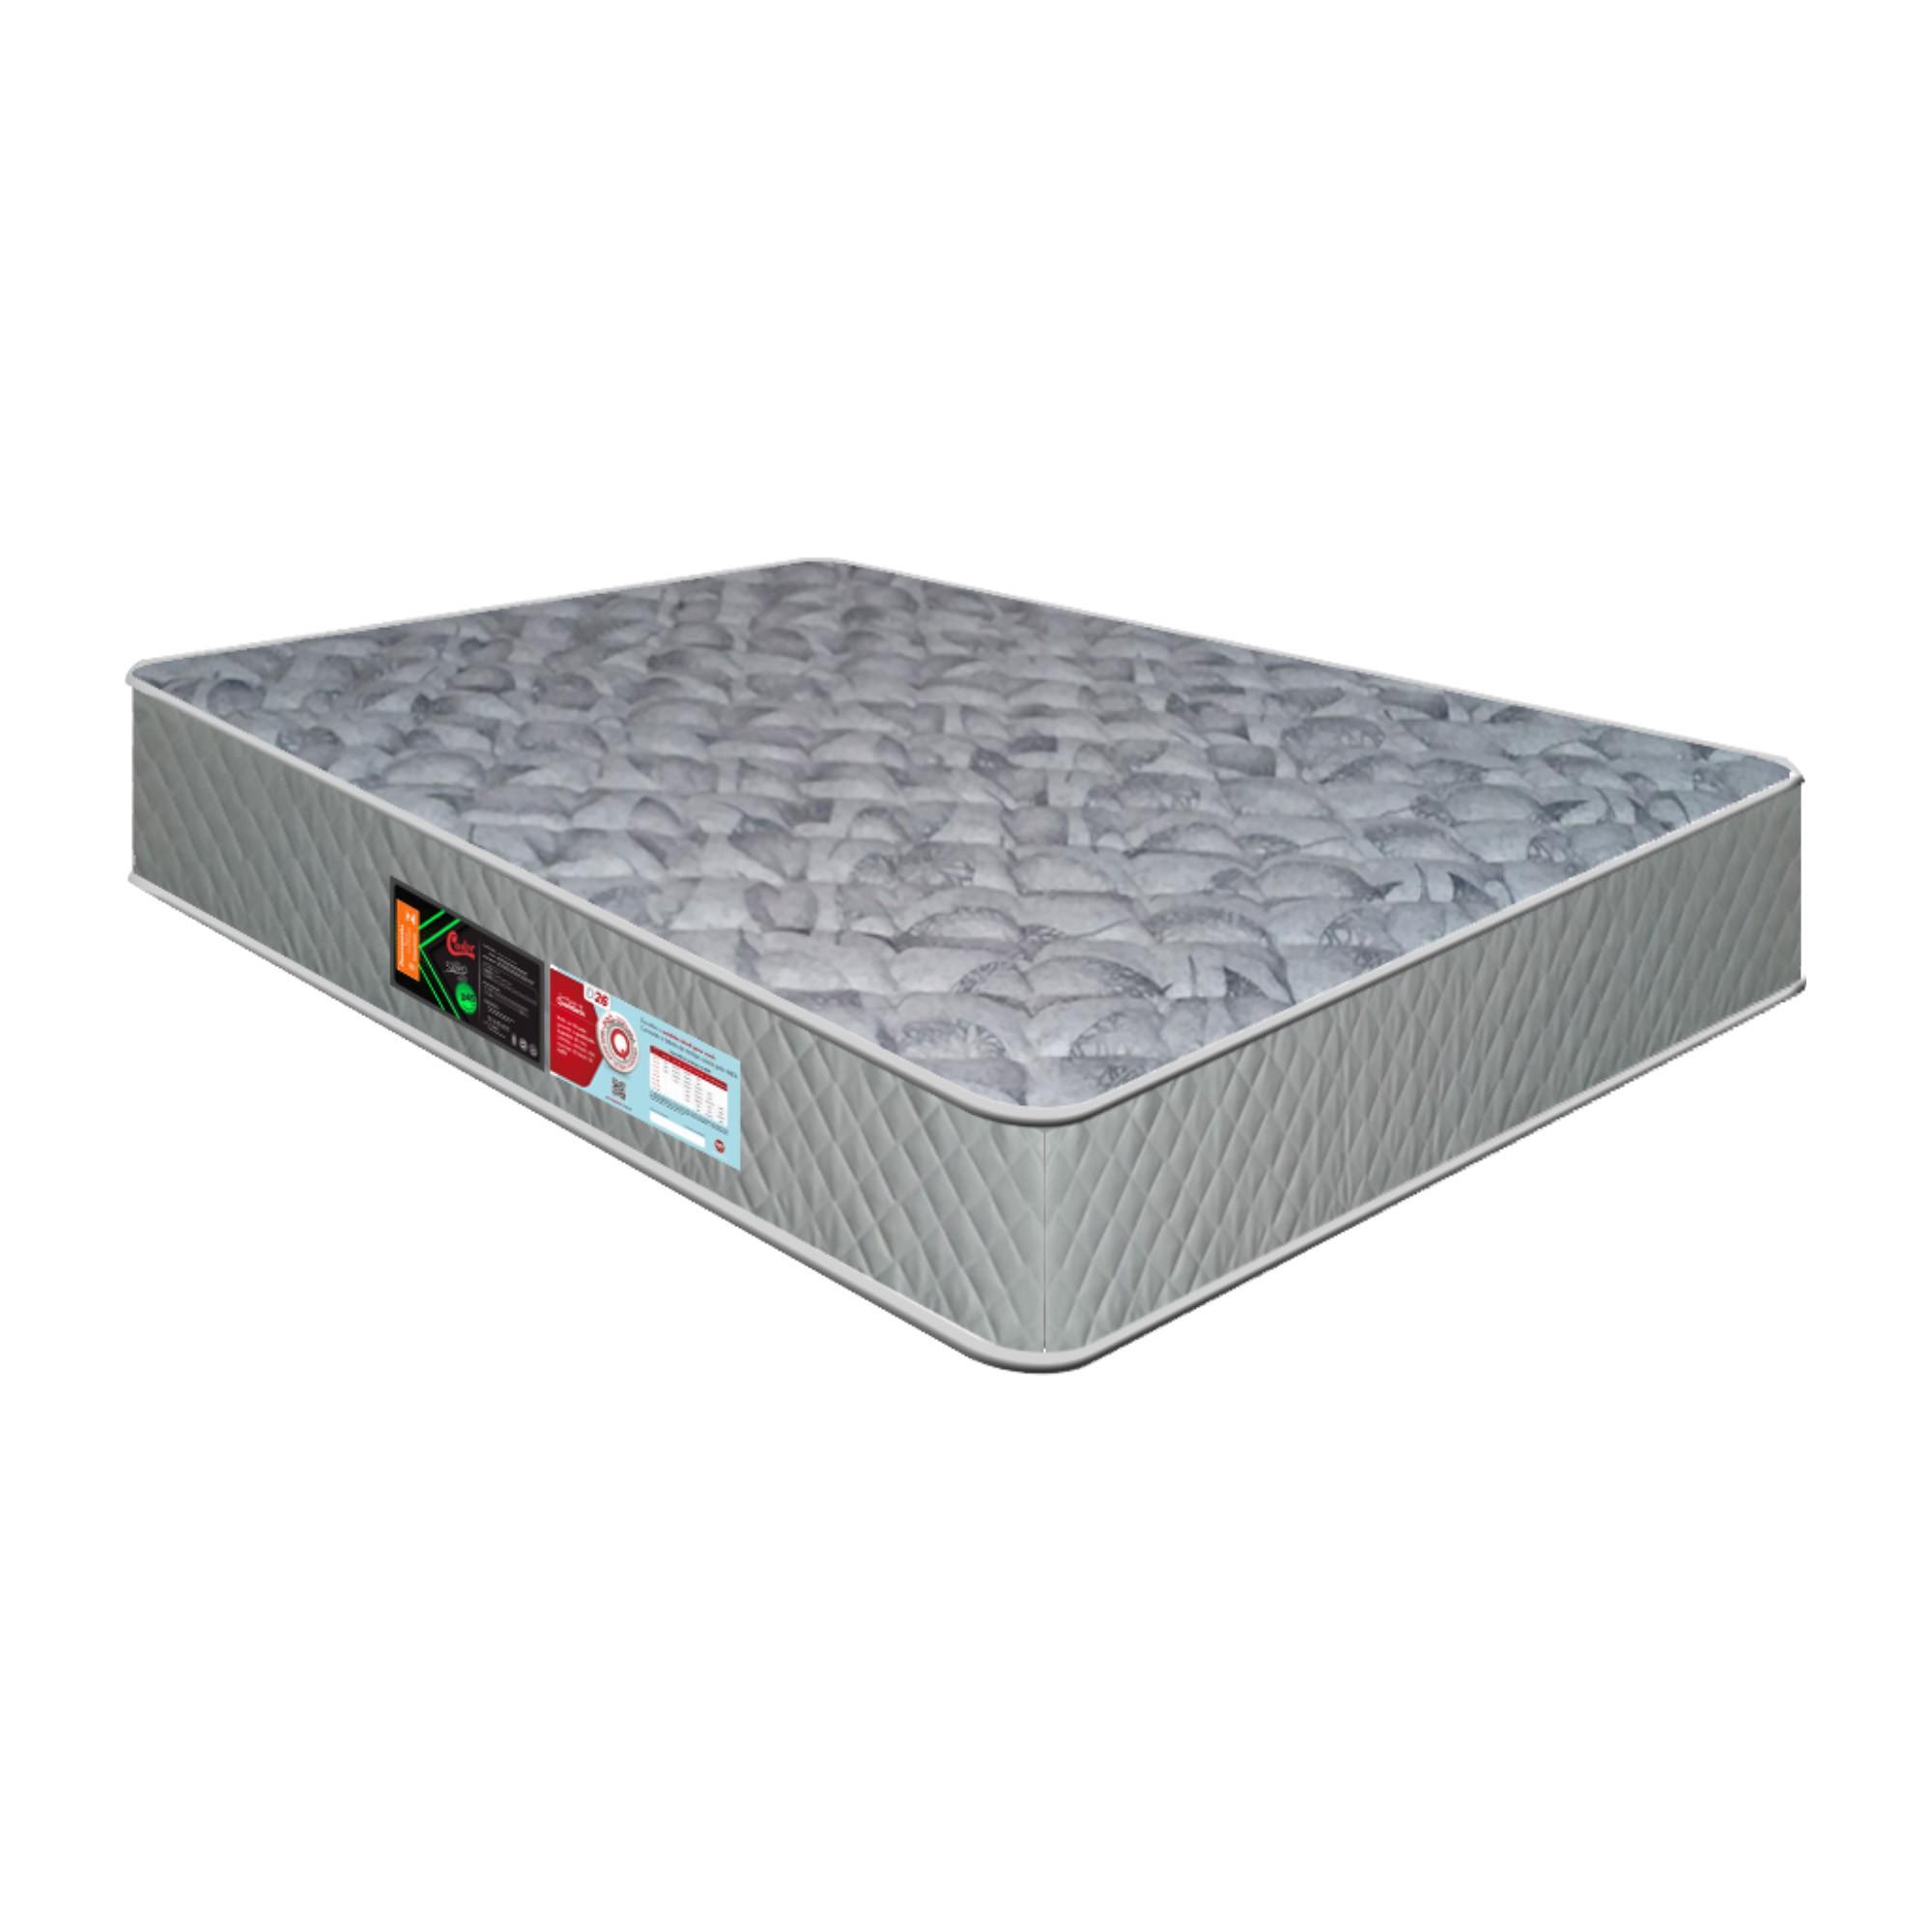 Colchão Castor Sleep Max D33 25 cm [Solteirão 096 x 203 cm]